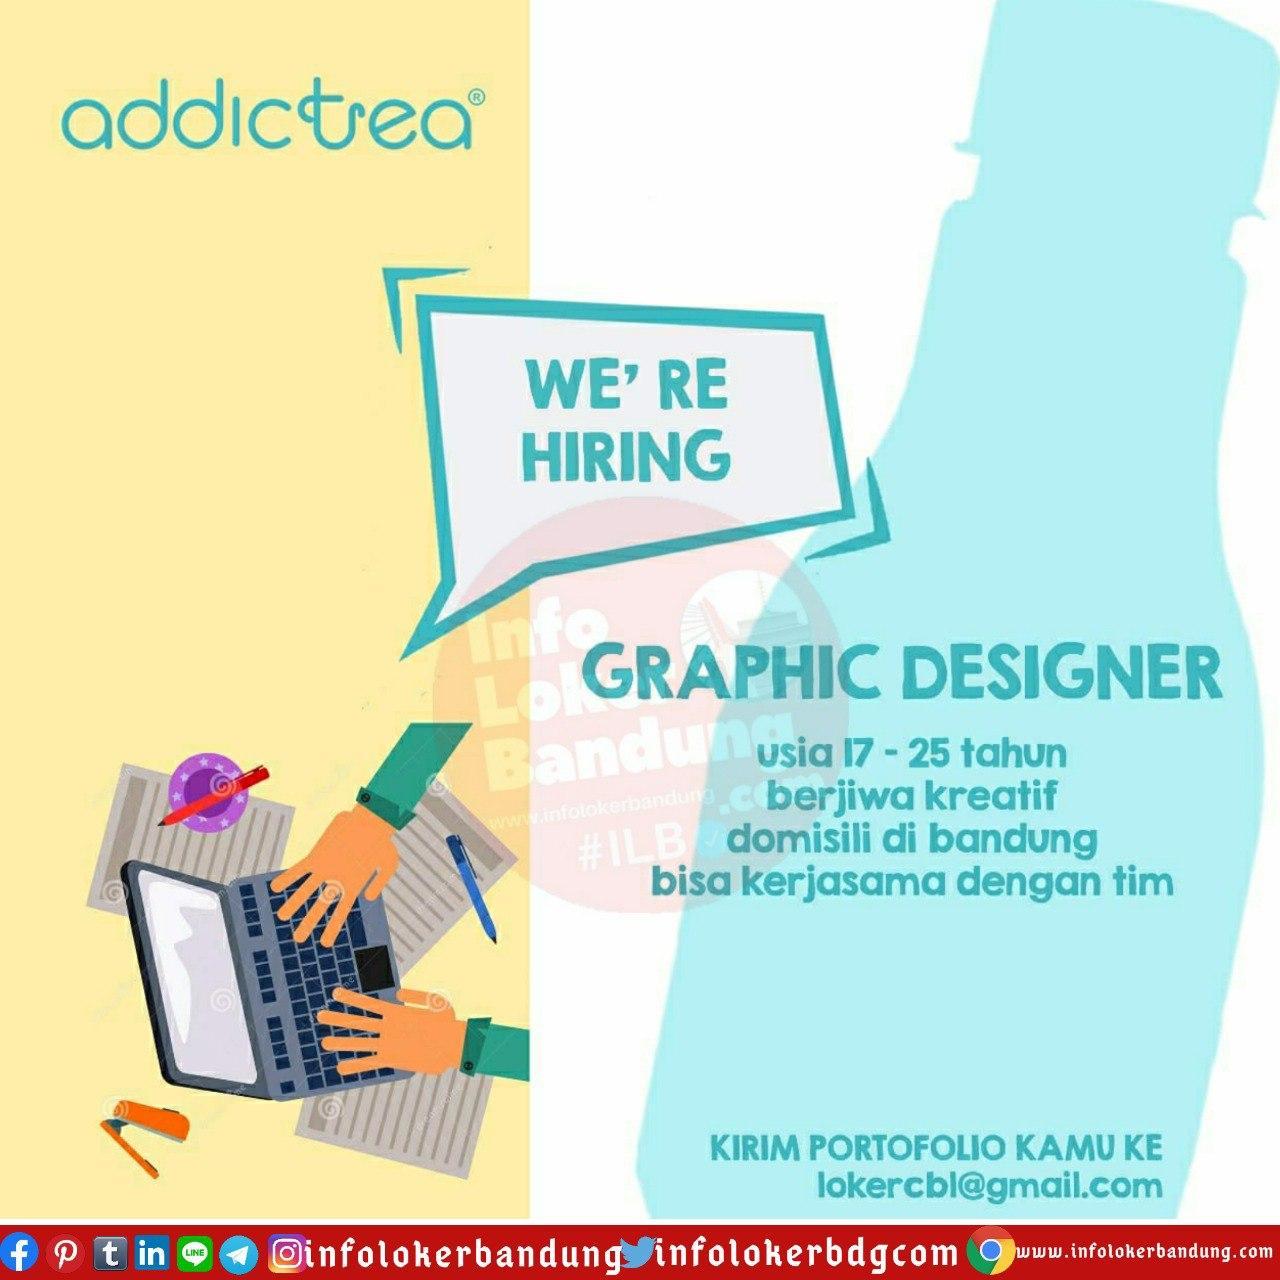 Lowongan Kerja Graphic Designer Addictea Bandung Juni 2020